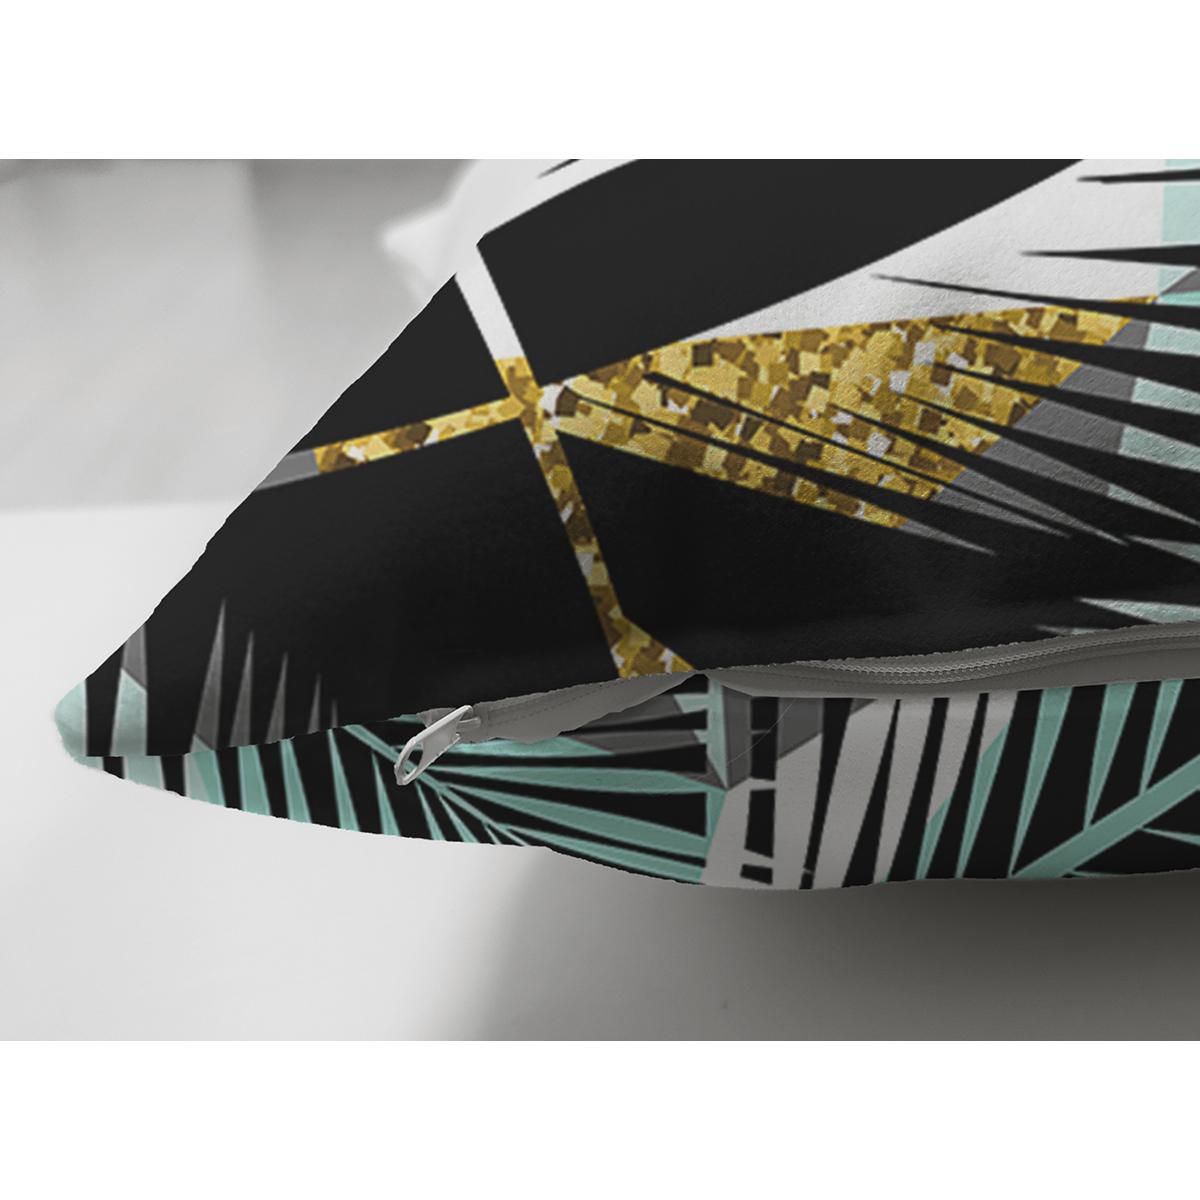 Çift Taraflı Siyah Zemin Üzerinde Yaprak Desenli Dijital Baskılı Modern Süet Yastık Kırlent Kılıfı Realhomes